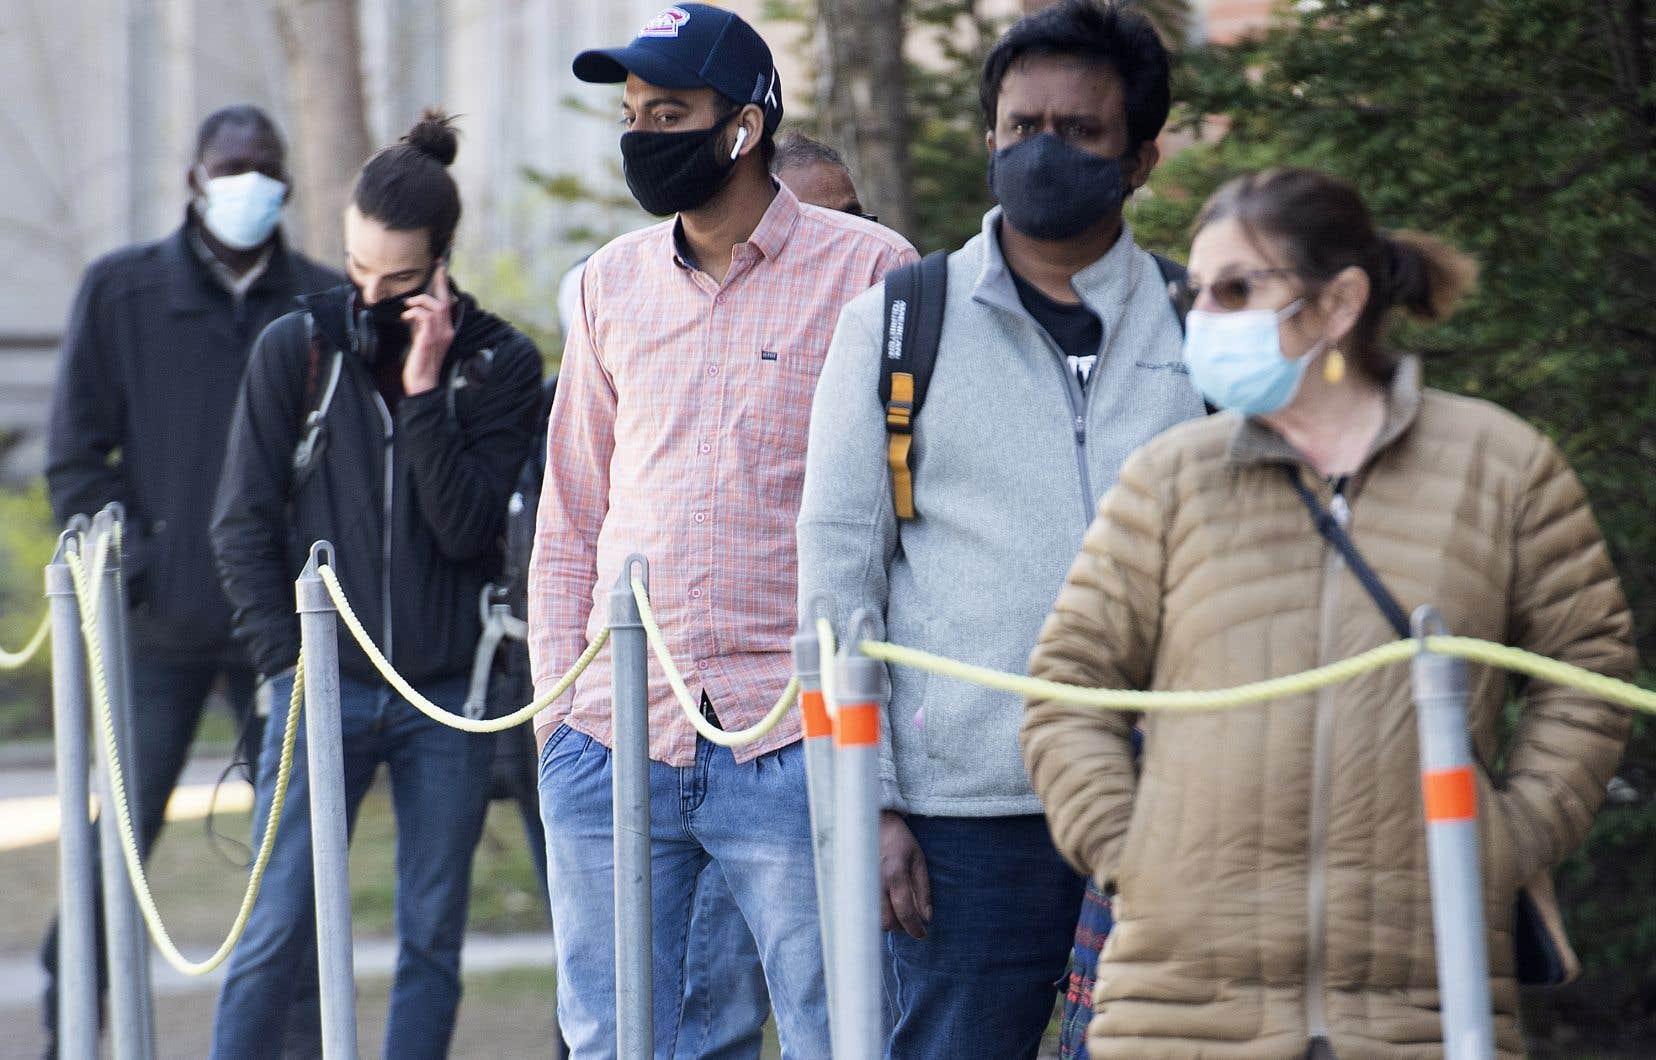 Une file d'attente devant une clinique de dépistage de la COVID-19, à Montréal